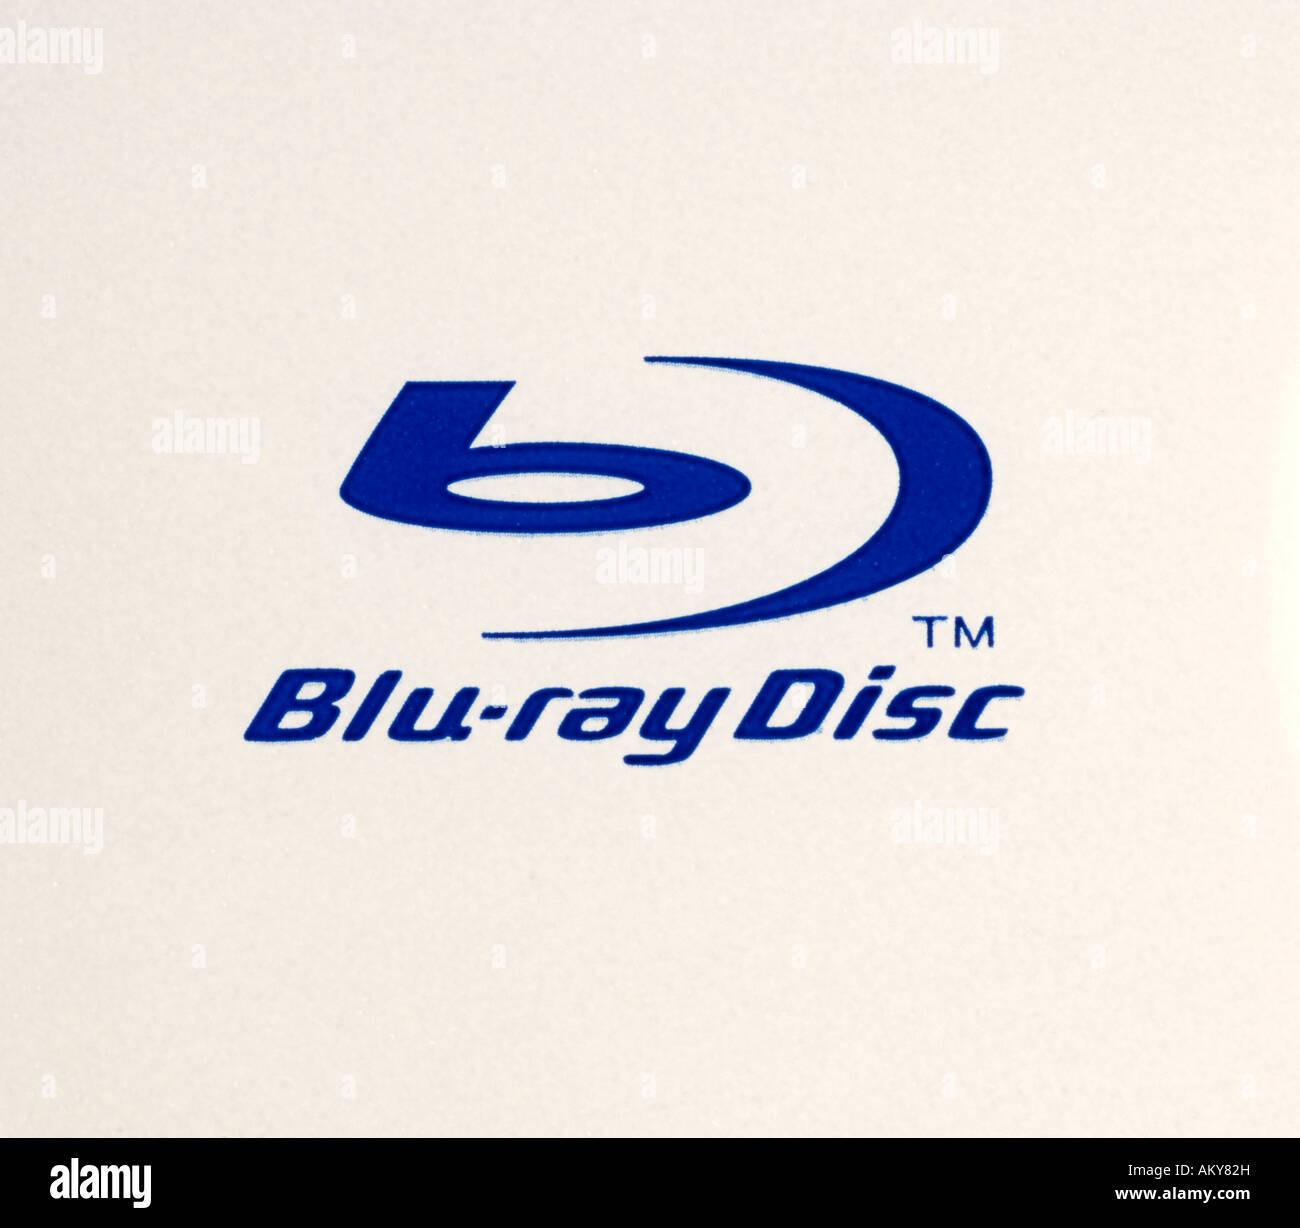 Blu-ray Disc 25 GB - Stock Image